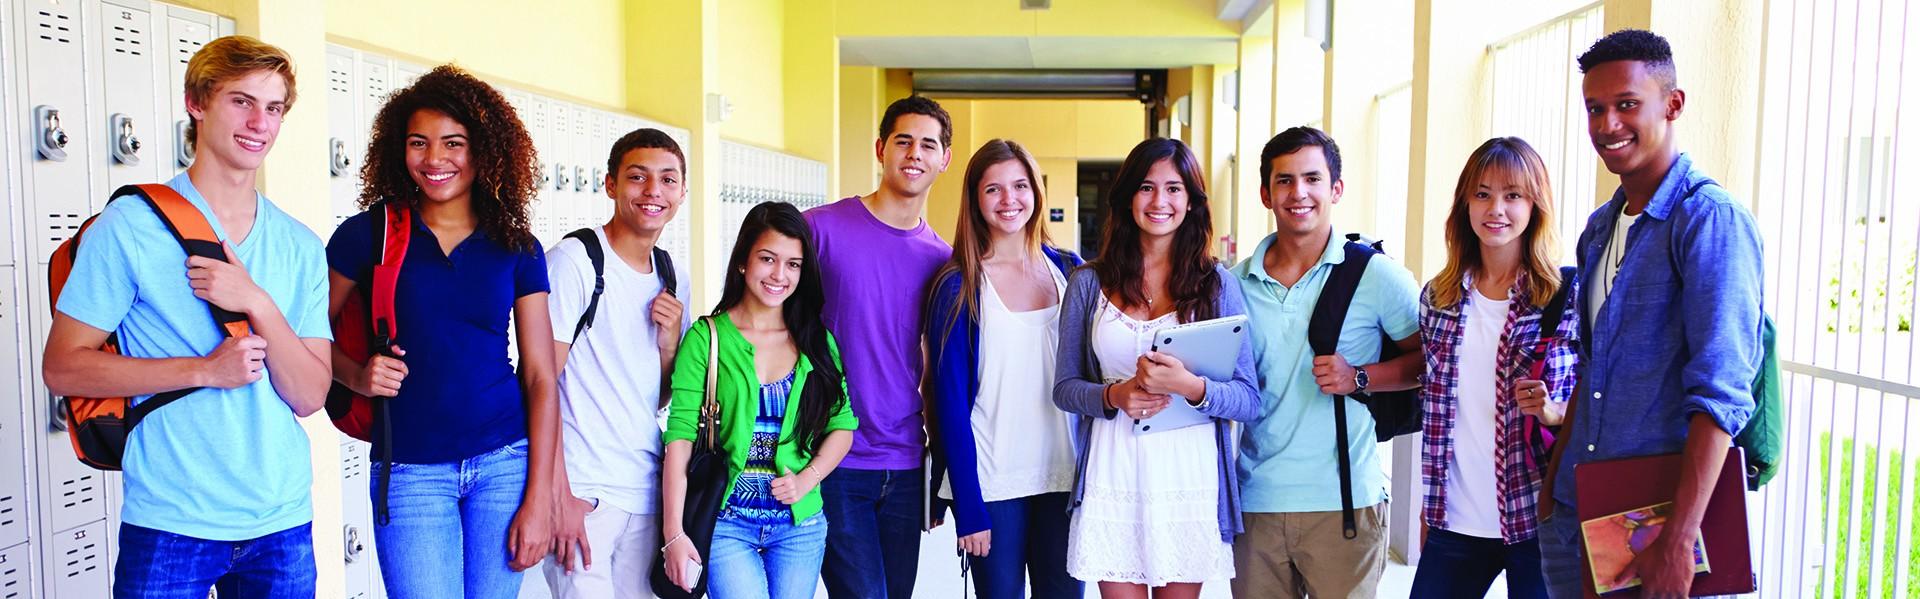 Educatius-VankleekCollegiateSchool-Canada-InternationalStudents-Banner-2019